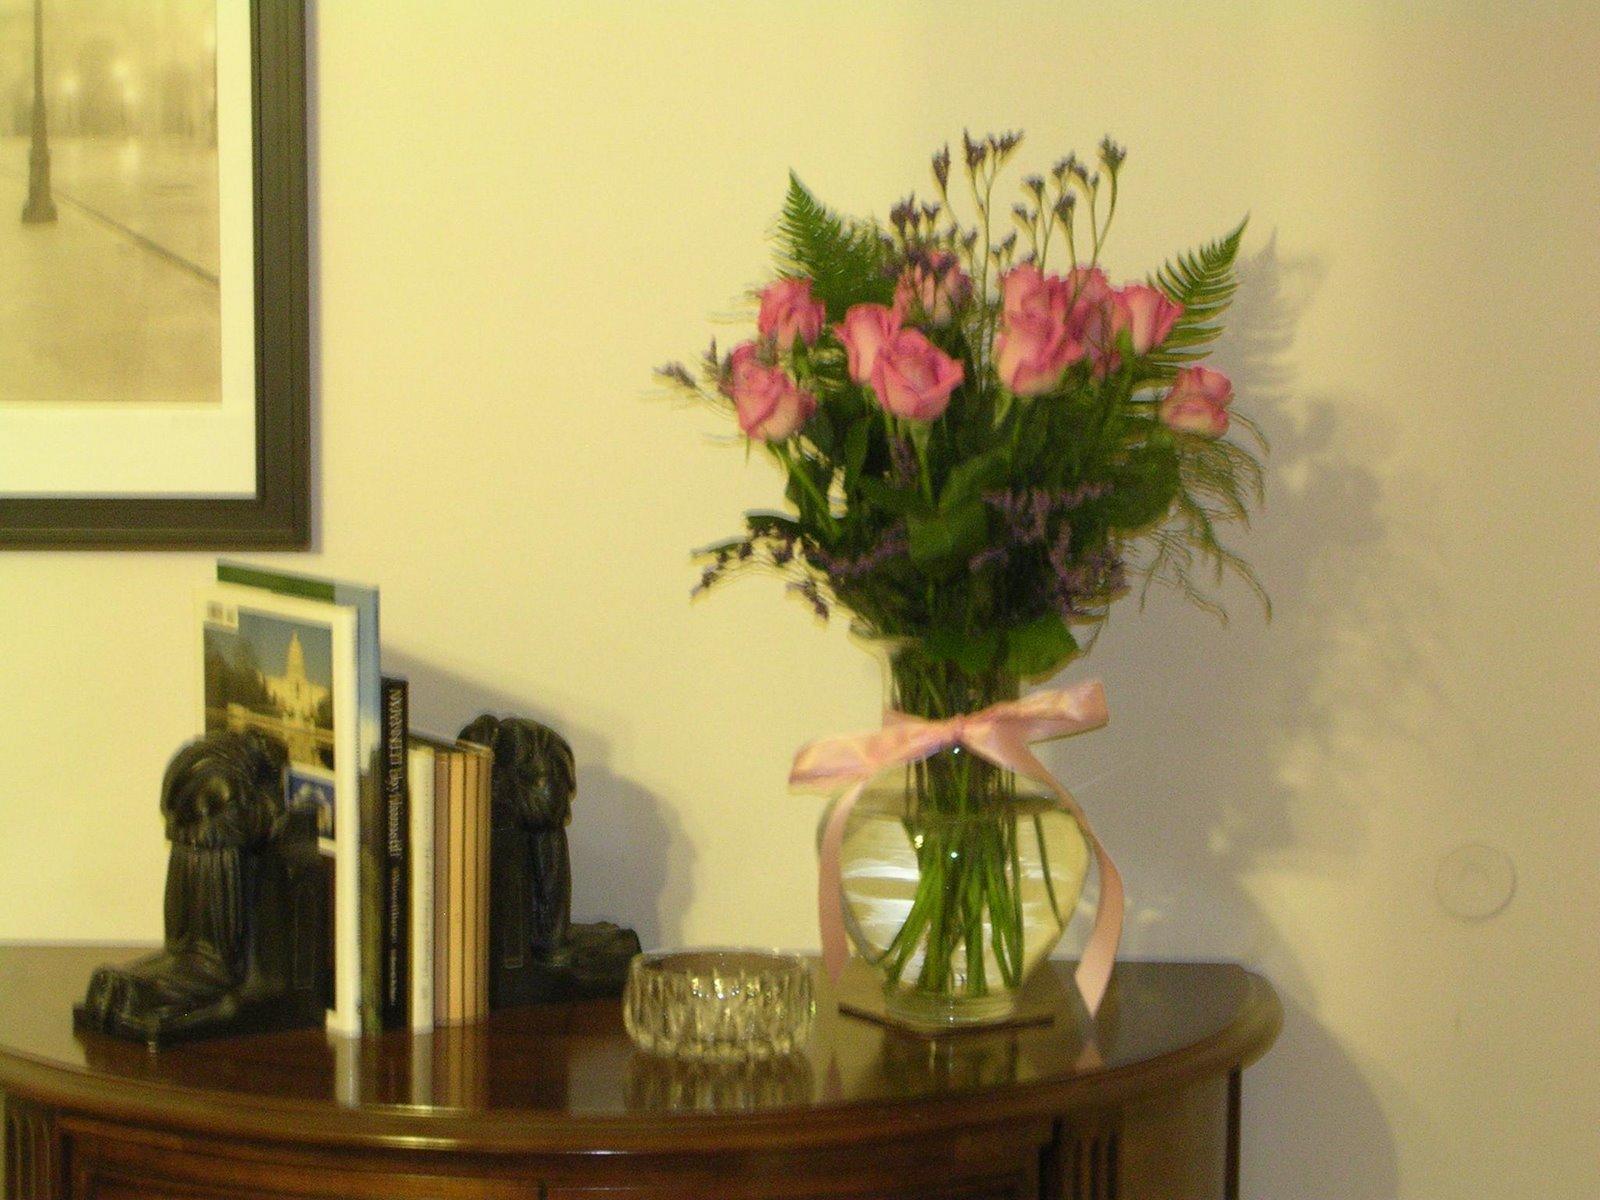 http://widowsvoice.com/wp-content/uploads/2009/01/01_26_09.jpg